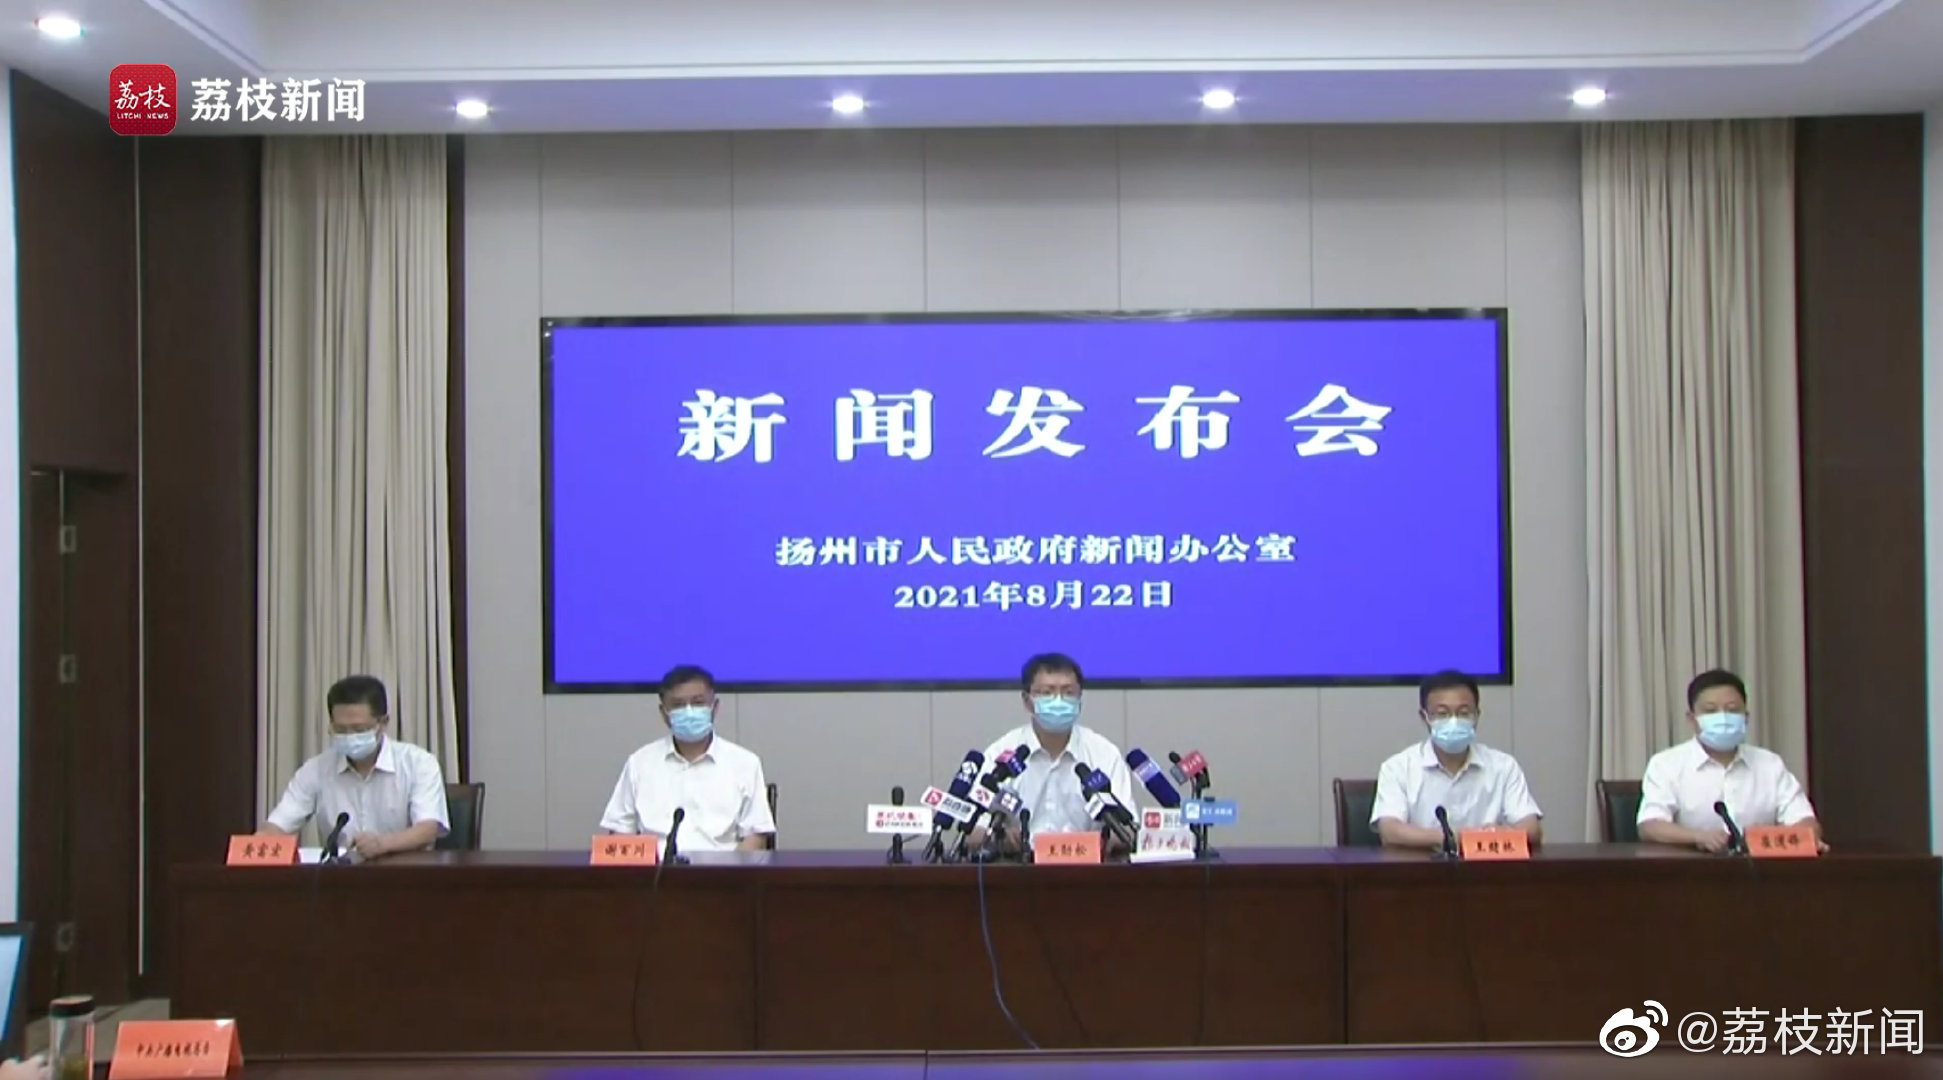 扬州21日核酸筛查出1例阳性 将继续开展重点地区核酸检测